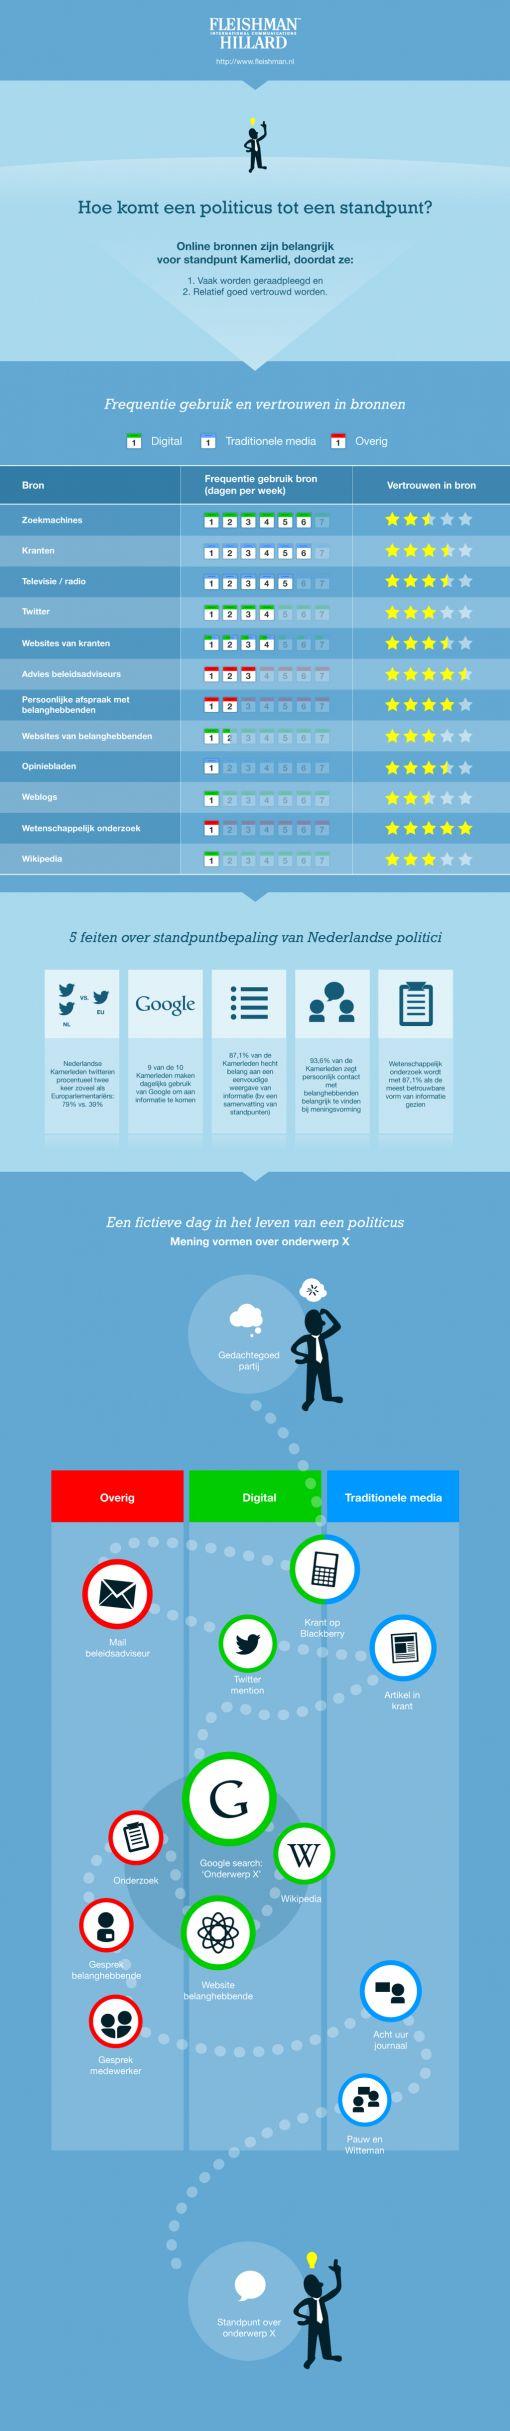 infographic_hoe_komt_politicus_tot_standpunt